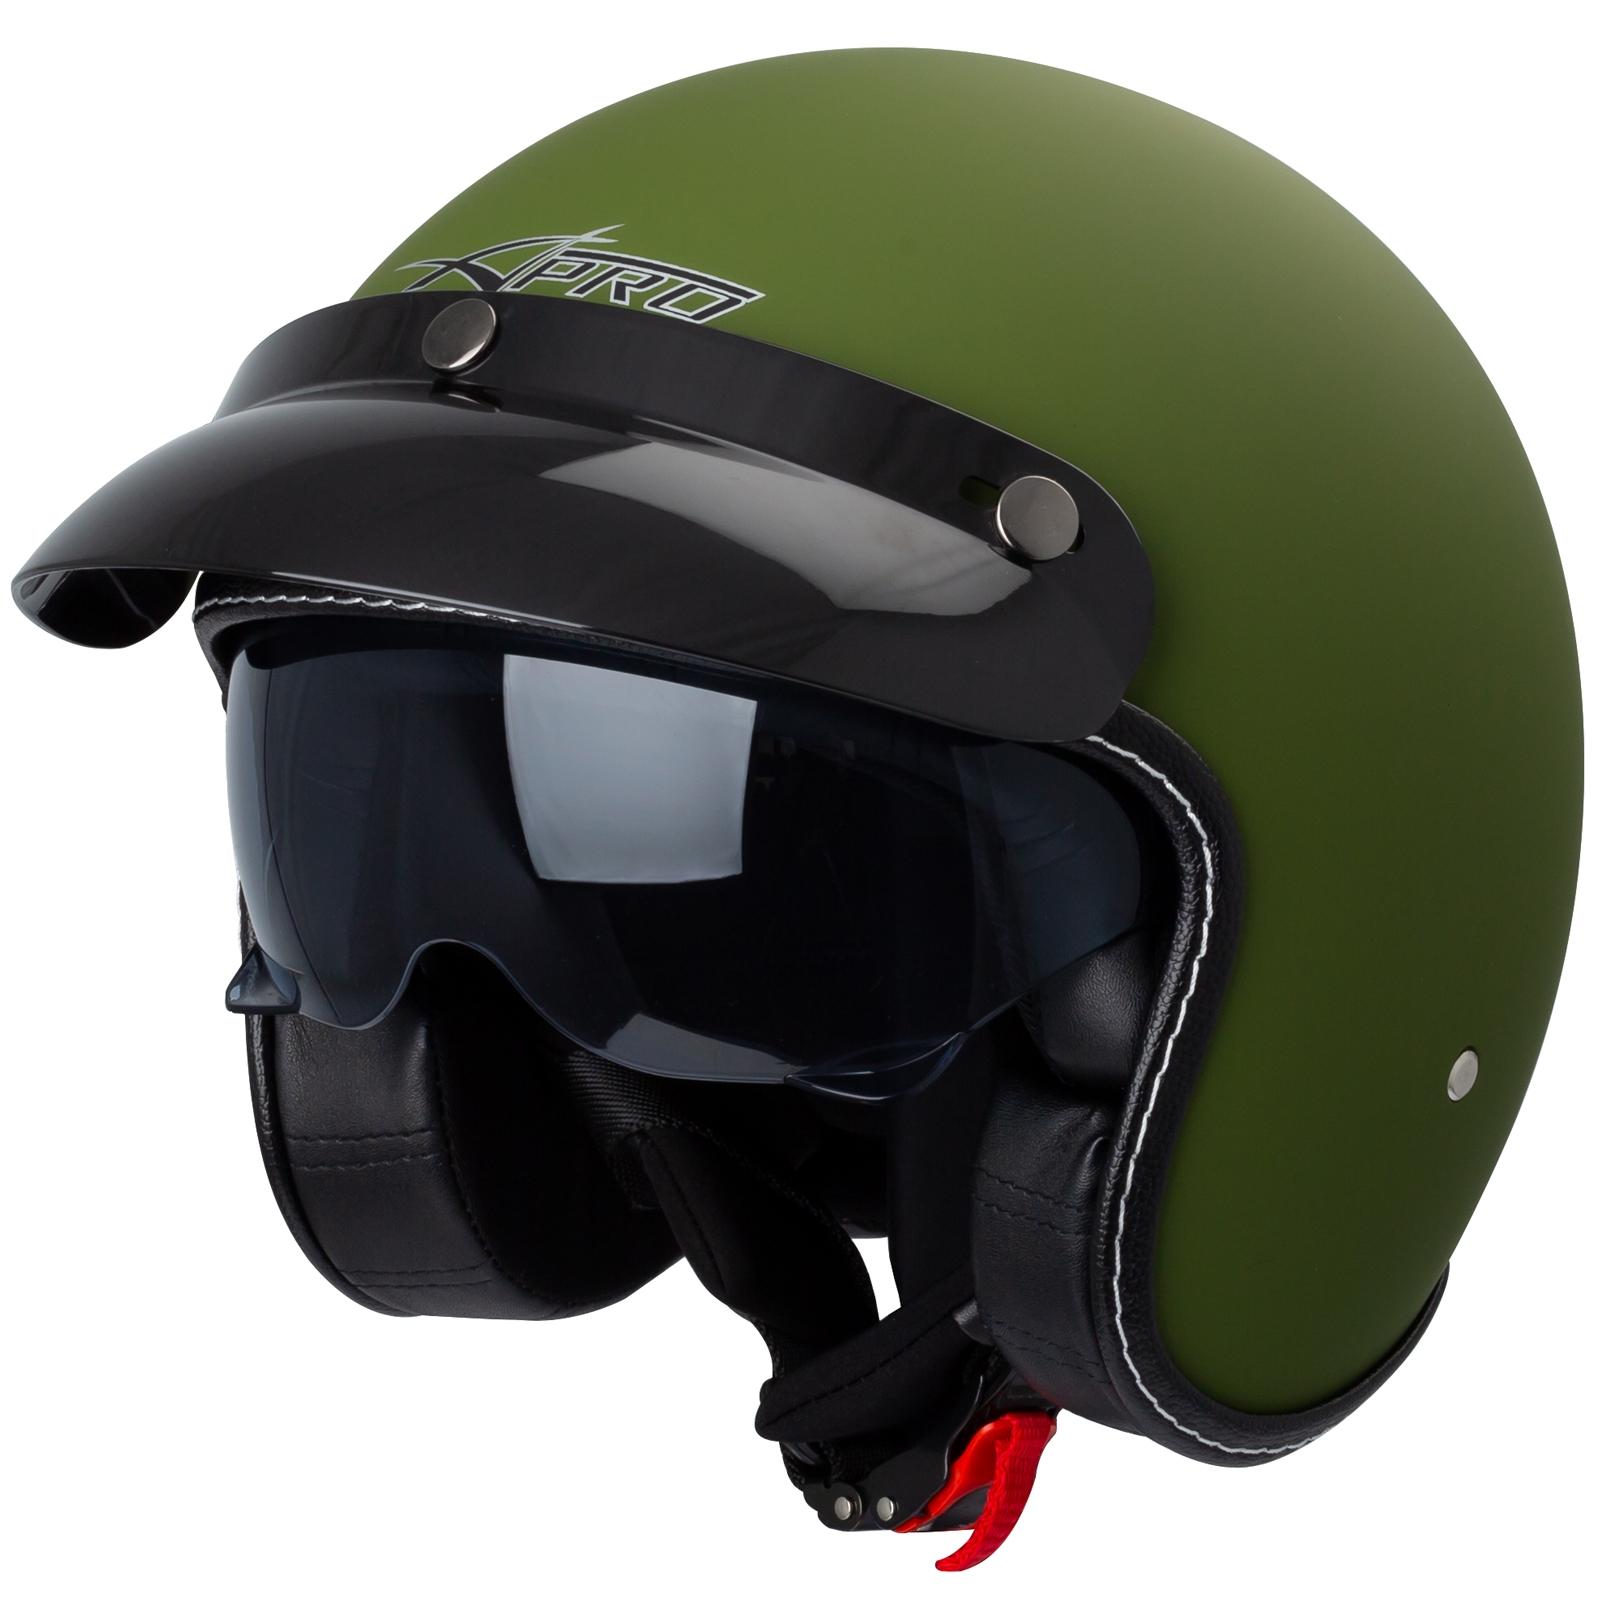 Casco-Moto-Jet-Cafe-Racer-Omologato-ECE-22-05-Parasole-scooter miniatuur 3